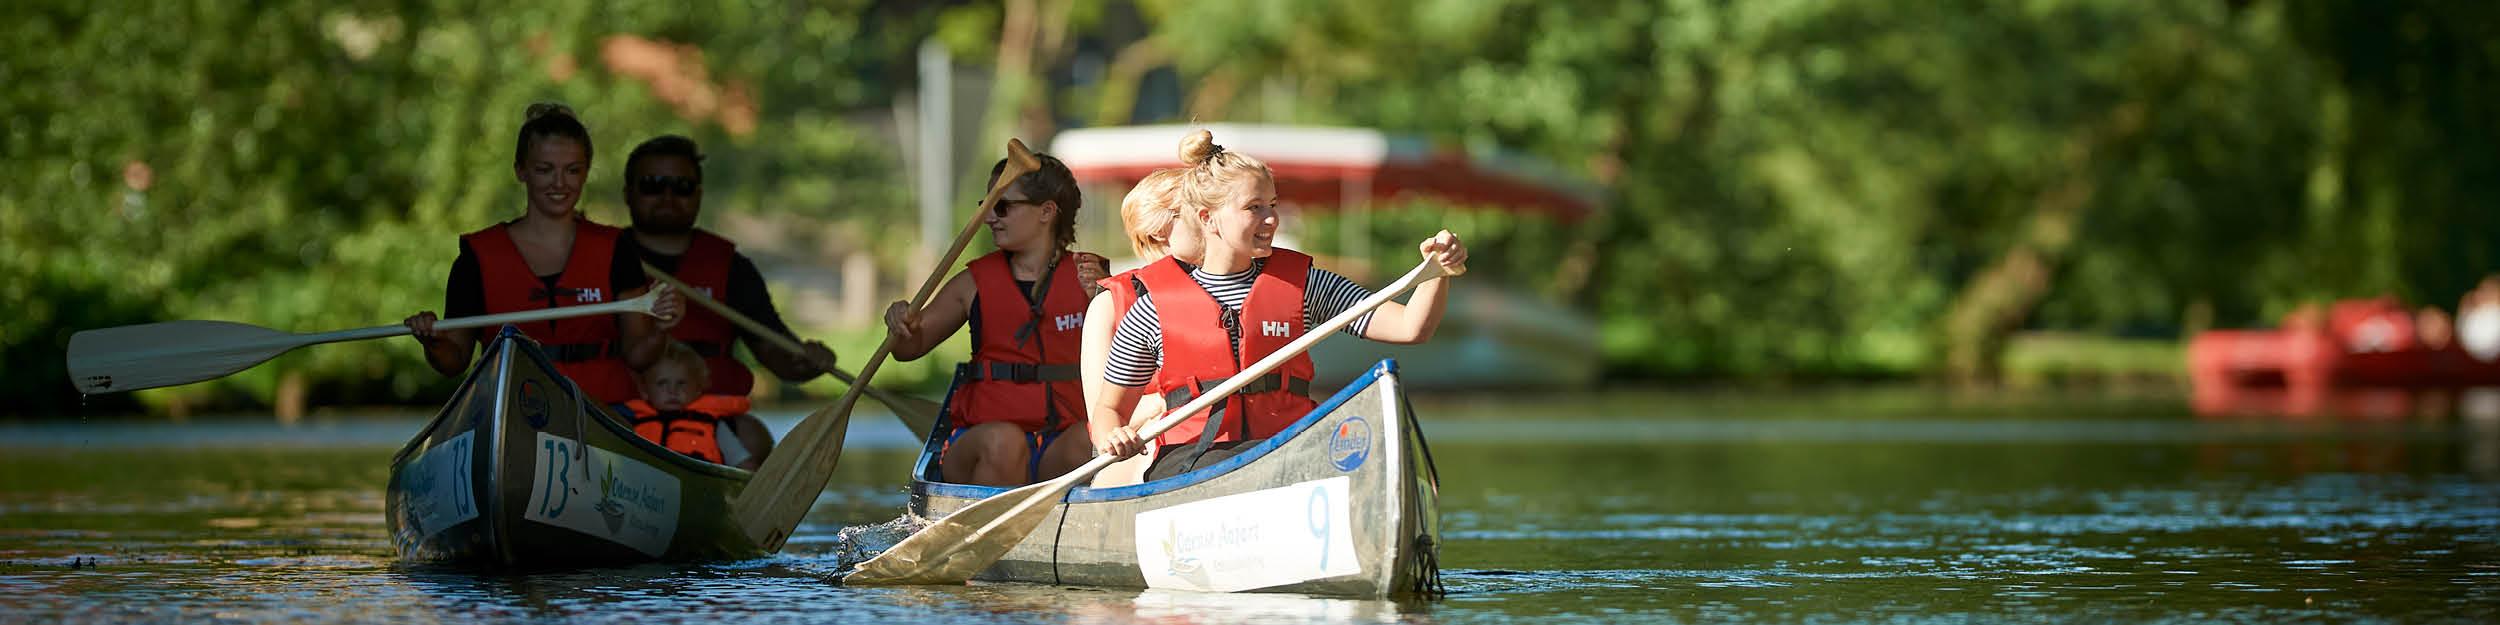 Aafartens Canoe Rental